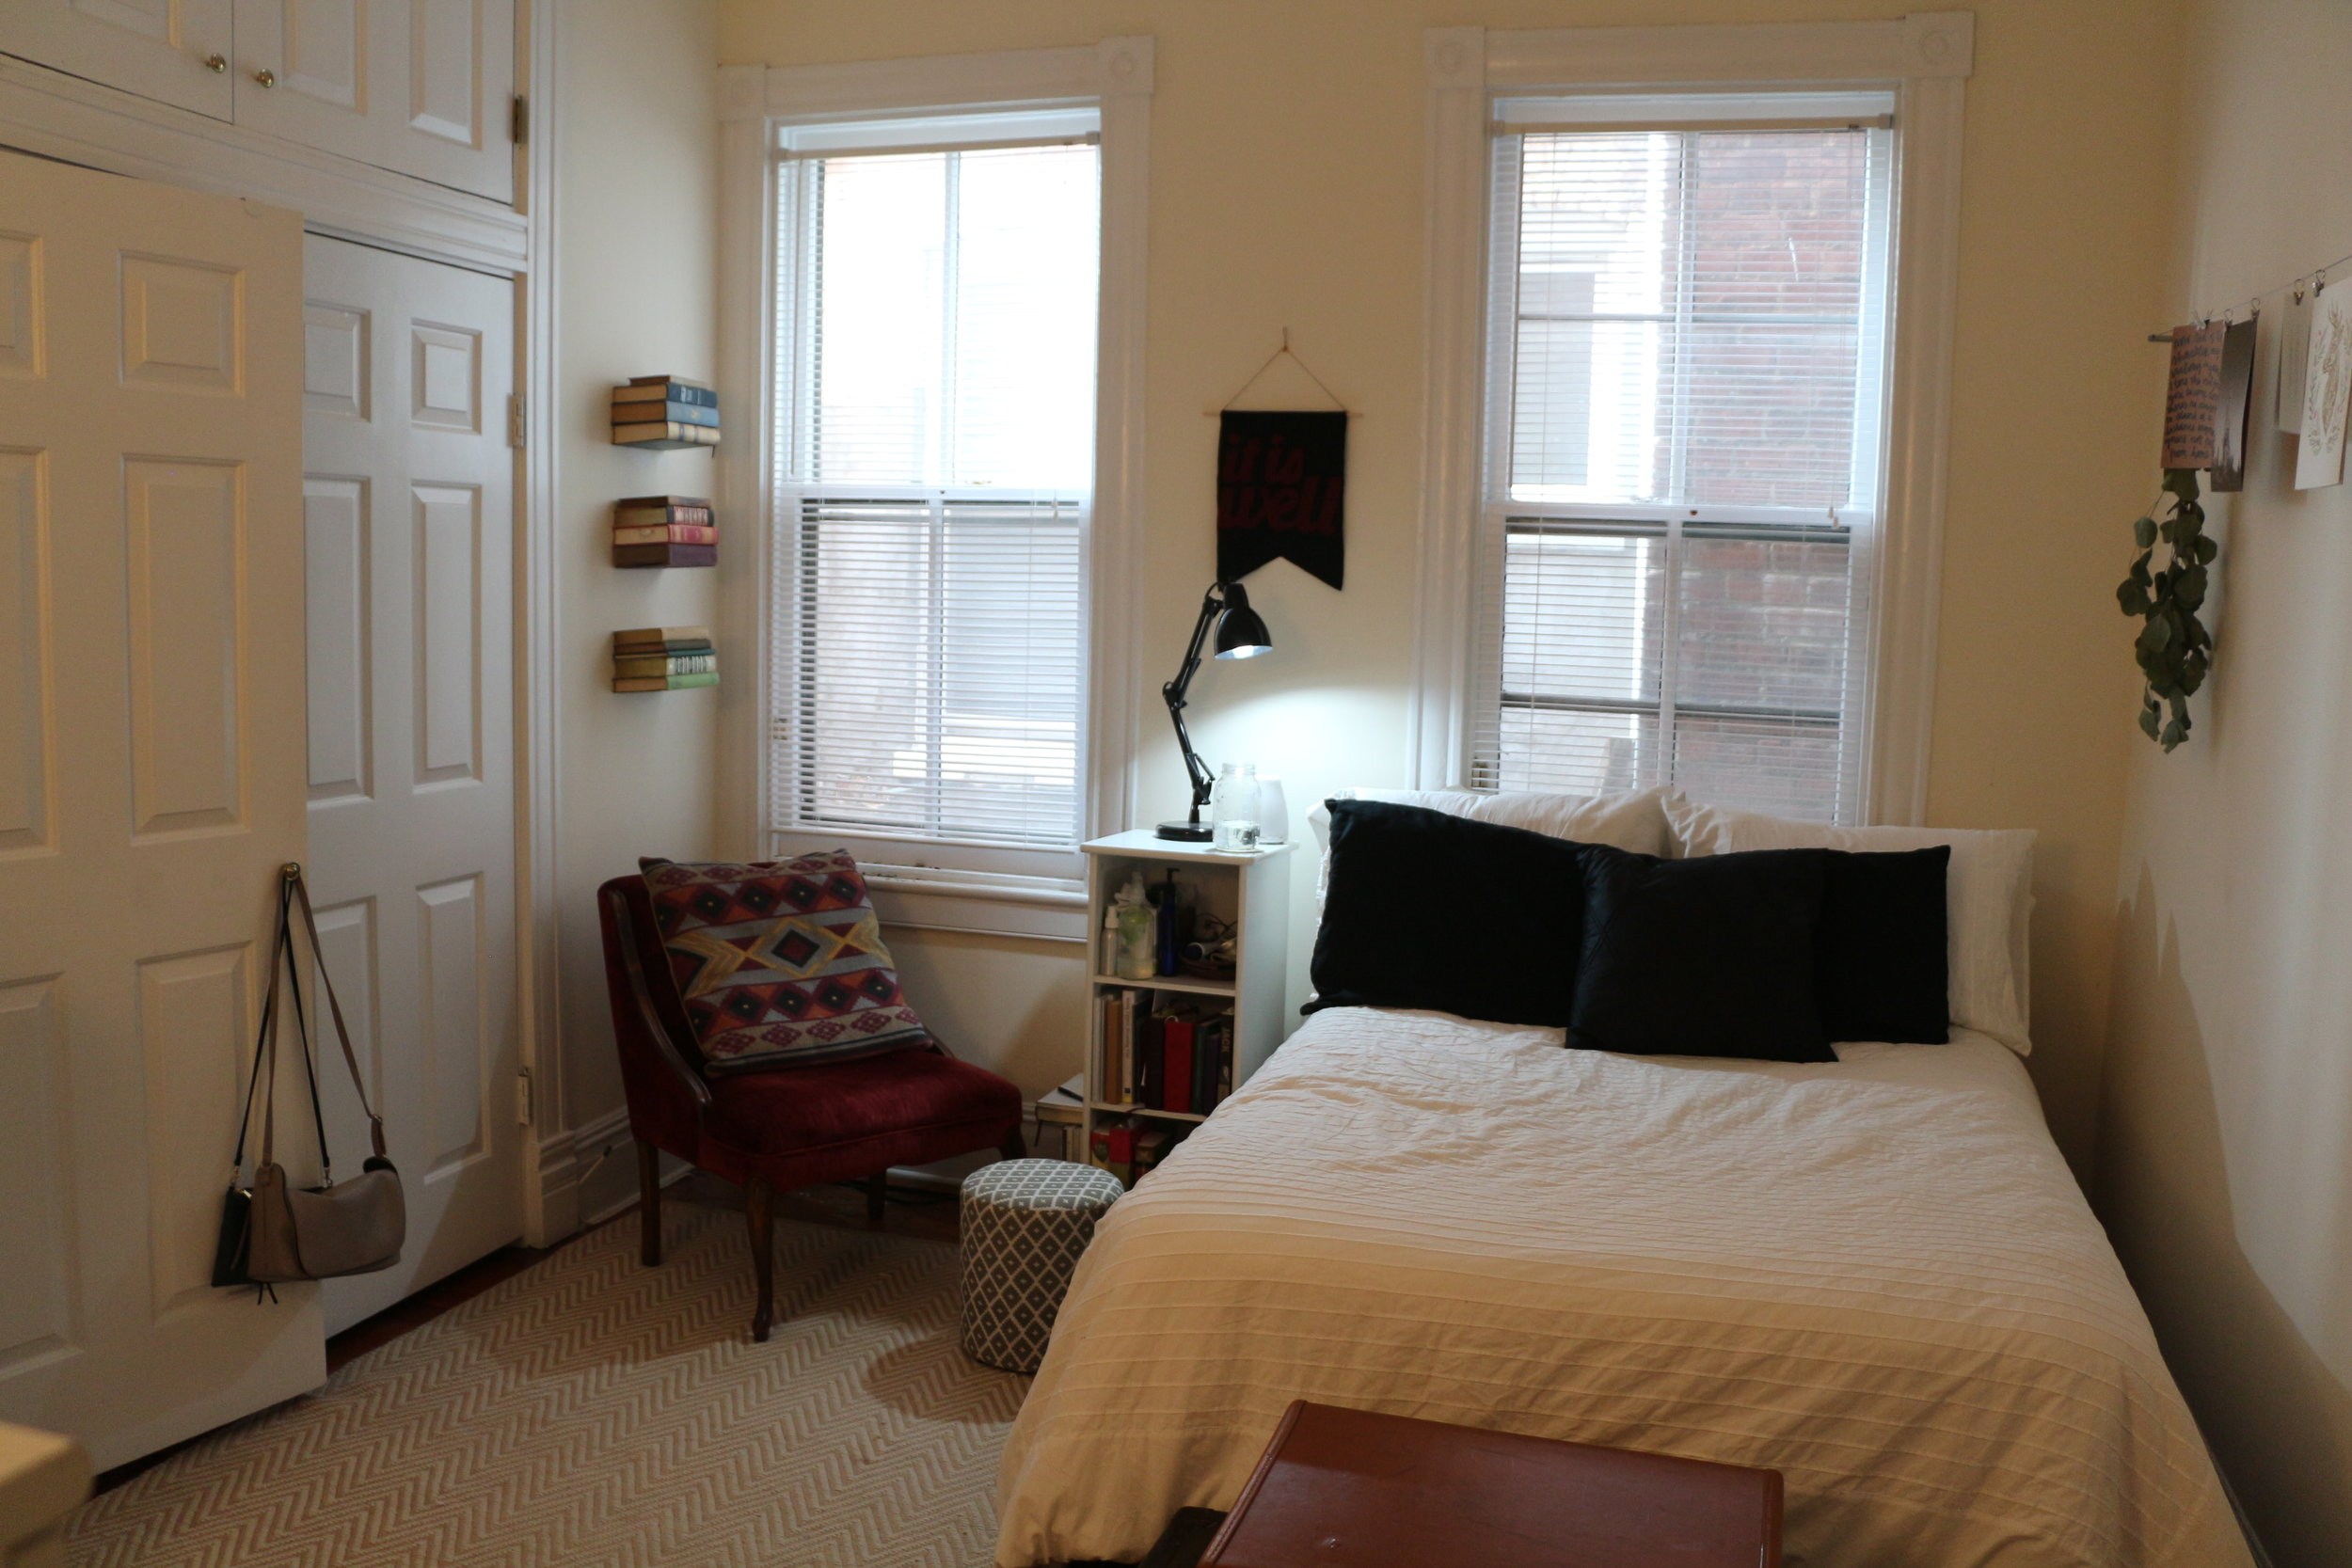 My bedroom from the door!